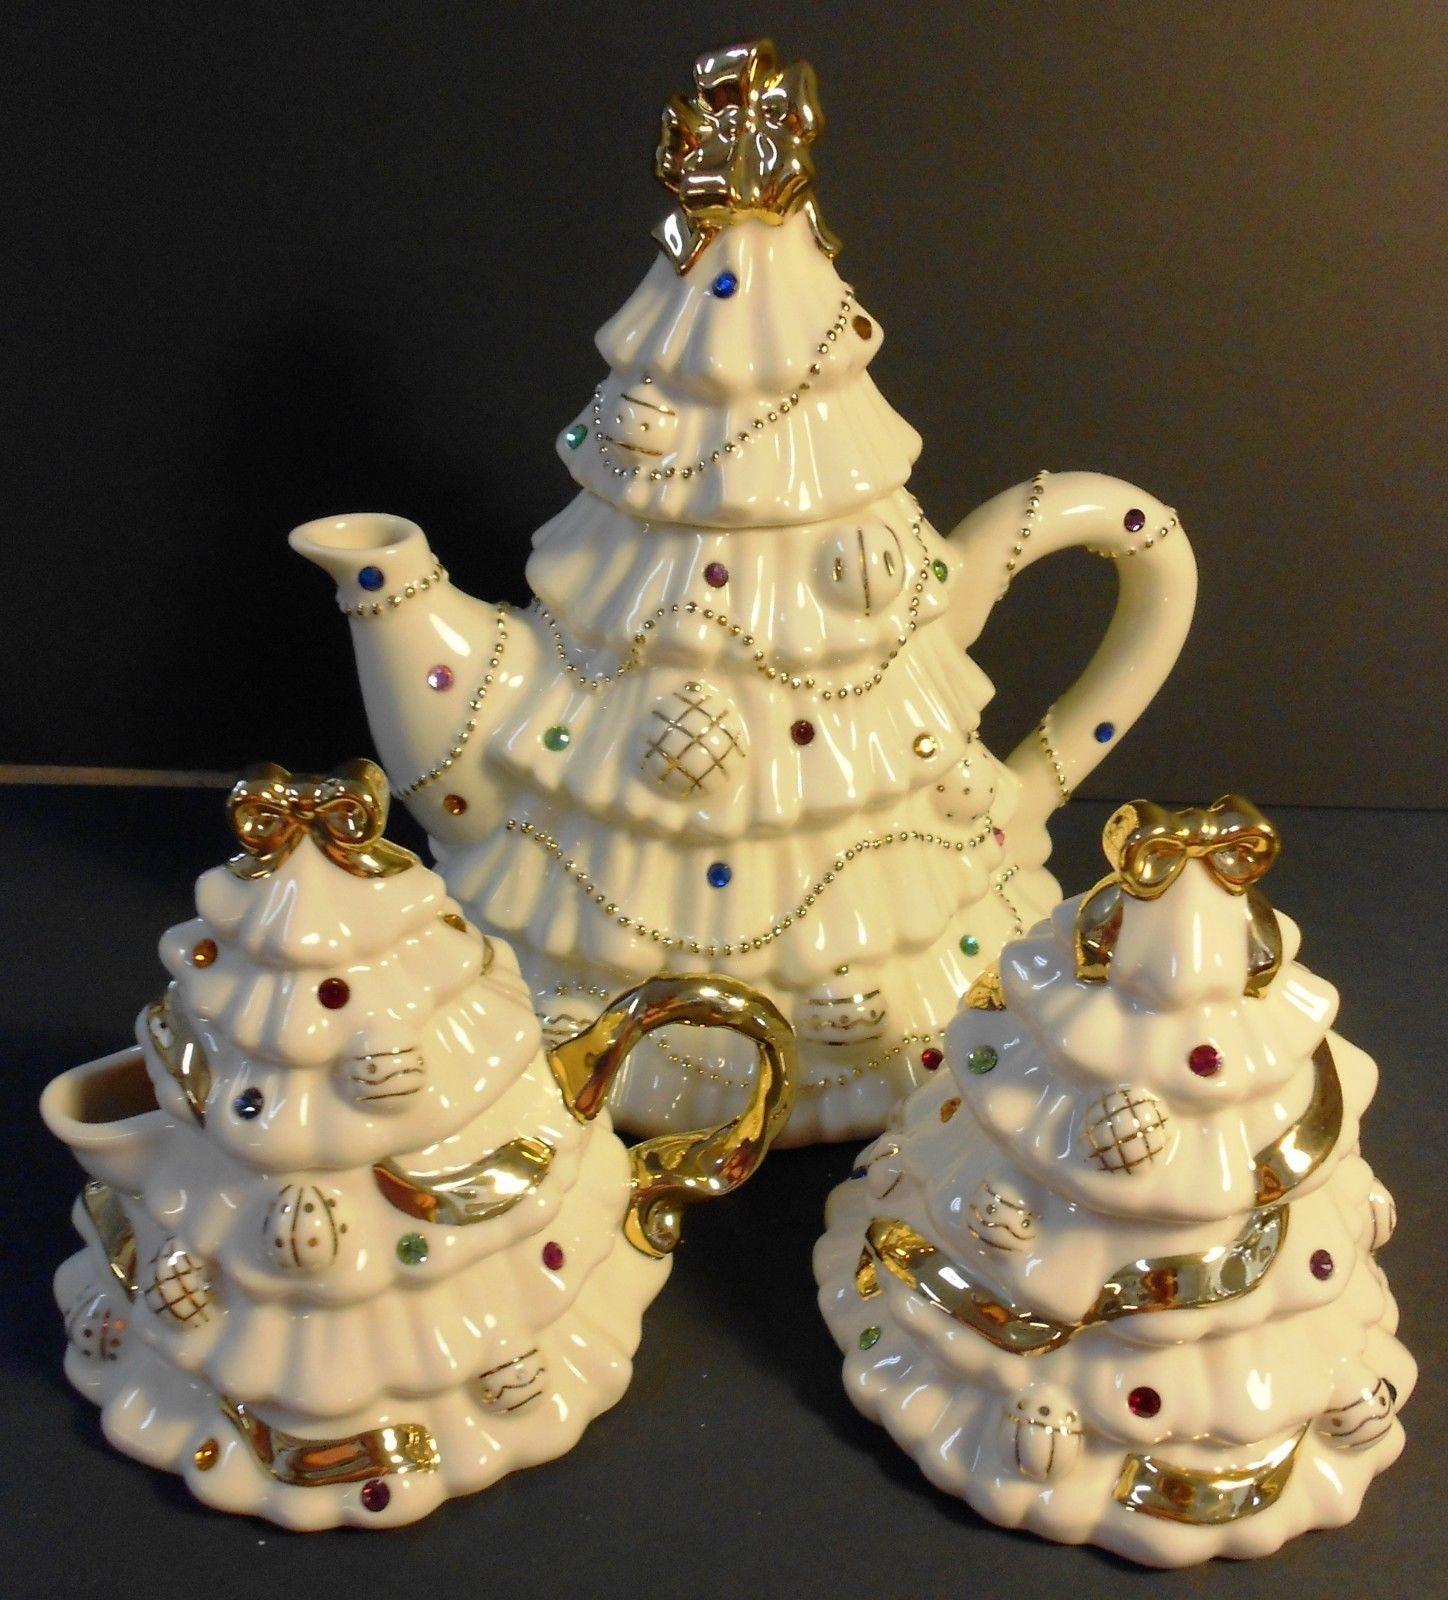 Lenox China Jeweled Christmas Tree Teapot Creamer Sugar Swarovsky with COA | eBay & Lenox China Jeweled Christmas Tree Teapot Creamer Sugar Swarovsky ...